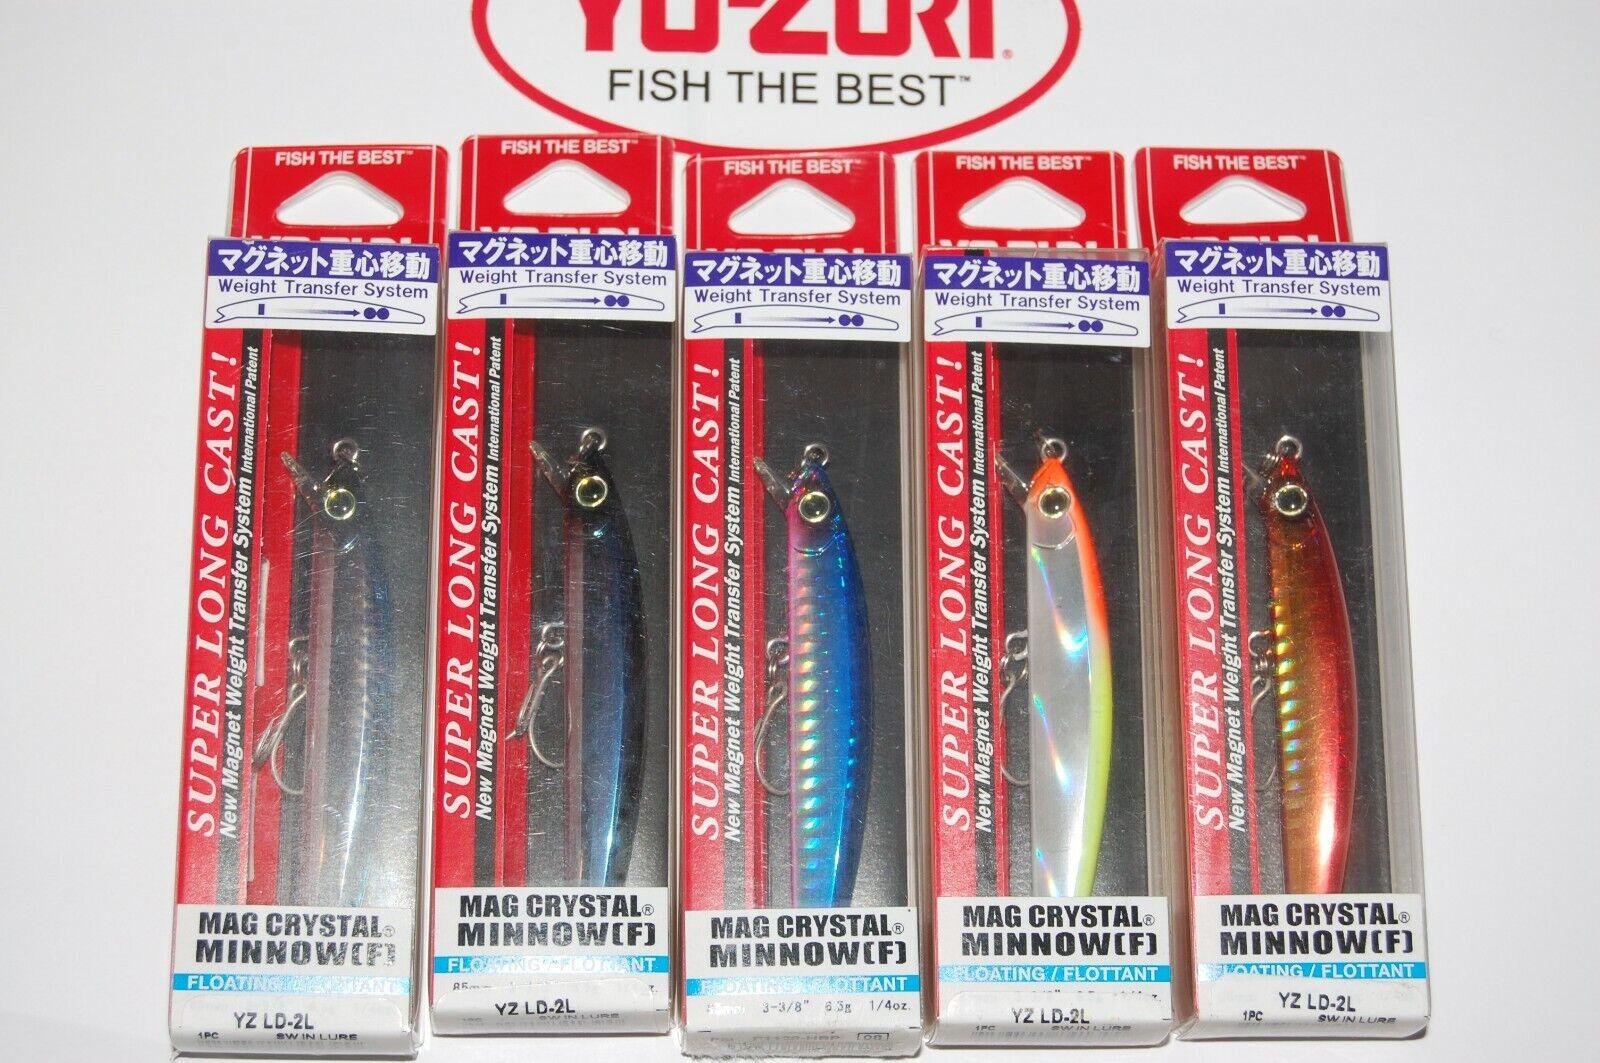 5 Señuelos yo  zuri Mag Crystal Minnow 3 3 8  1 4oz f1128 c-57 Surtido Azul Mack  ahorra hasta un 30-50% de descuento